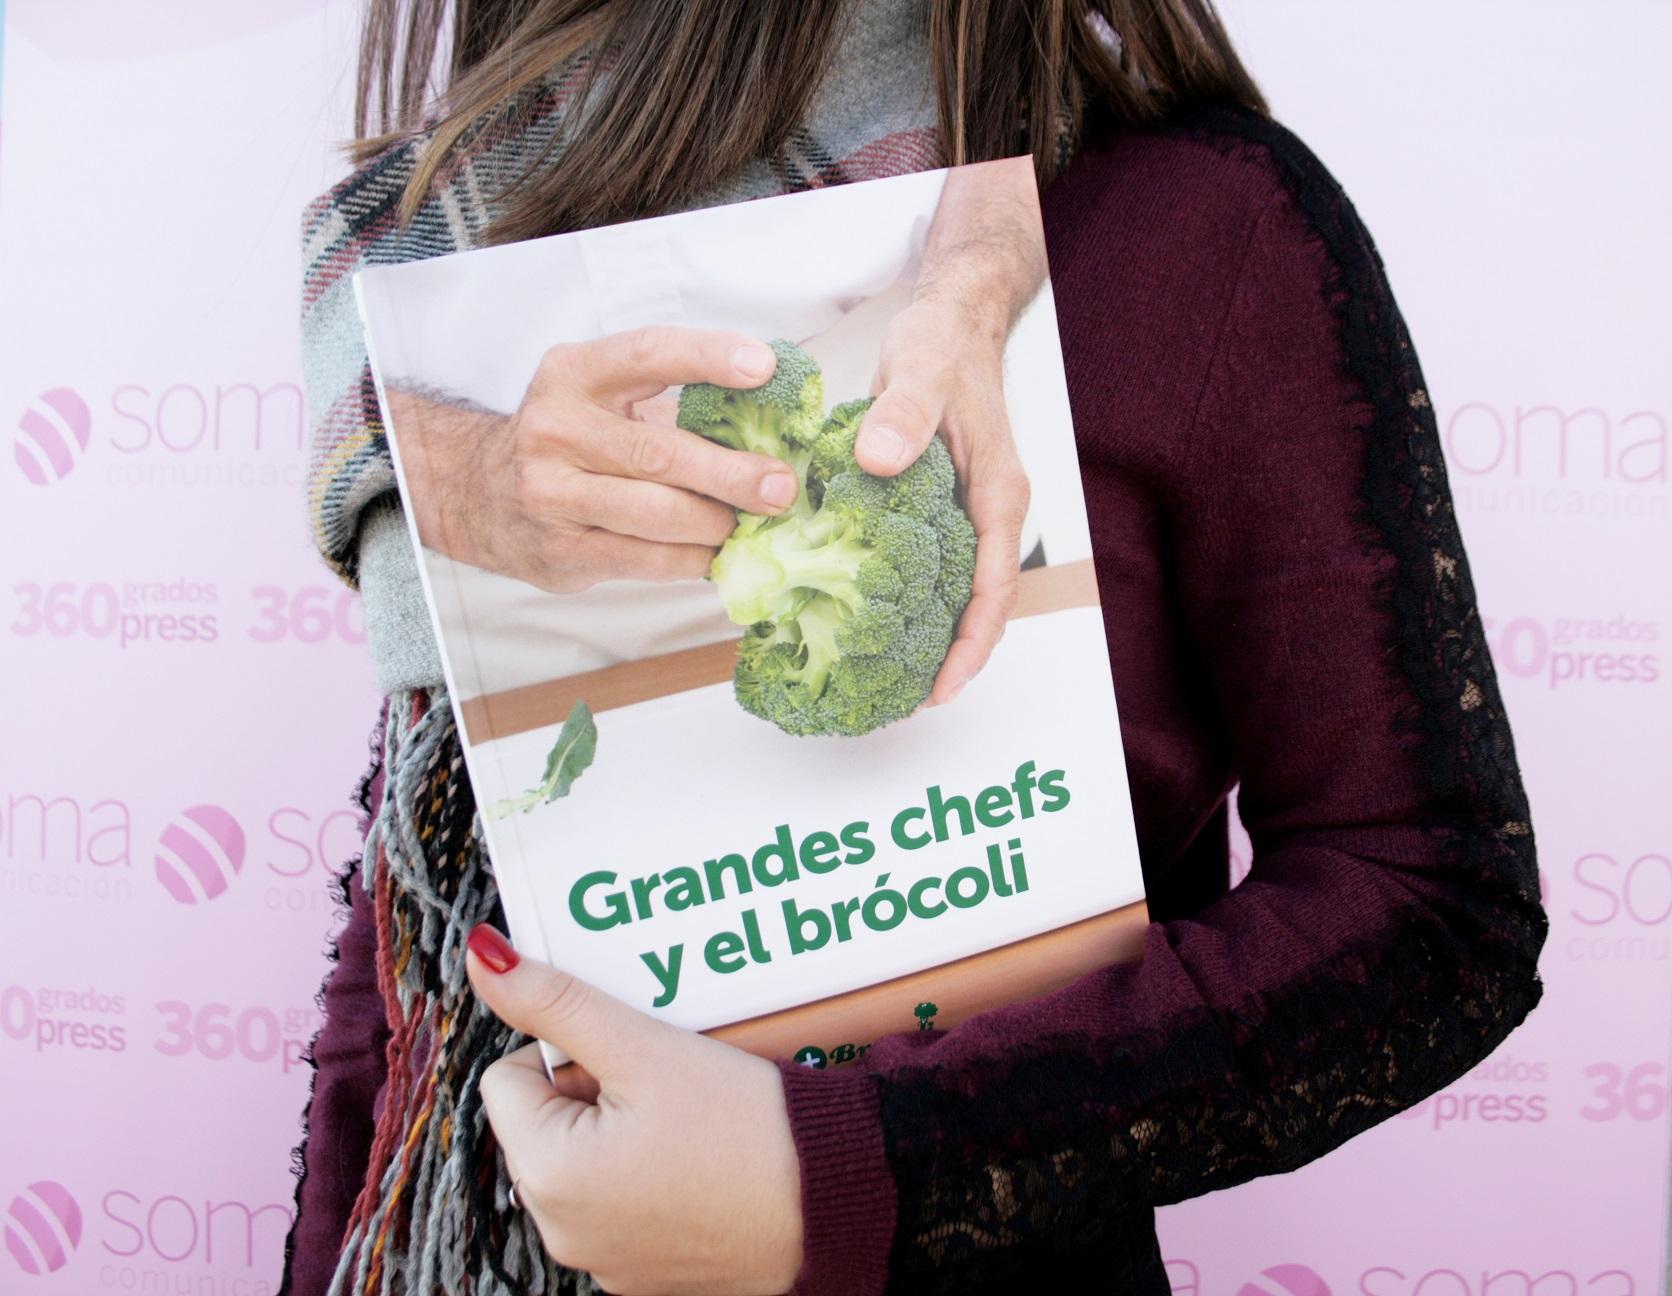 Grandes chefs y el brócoli